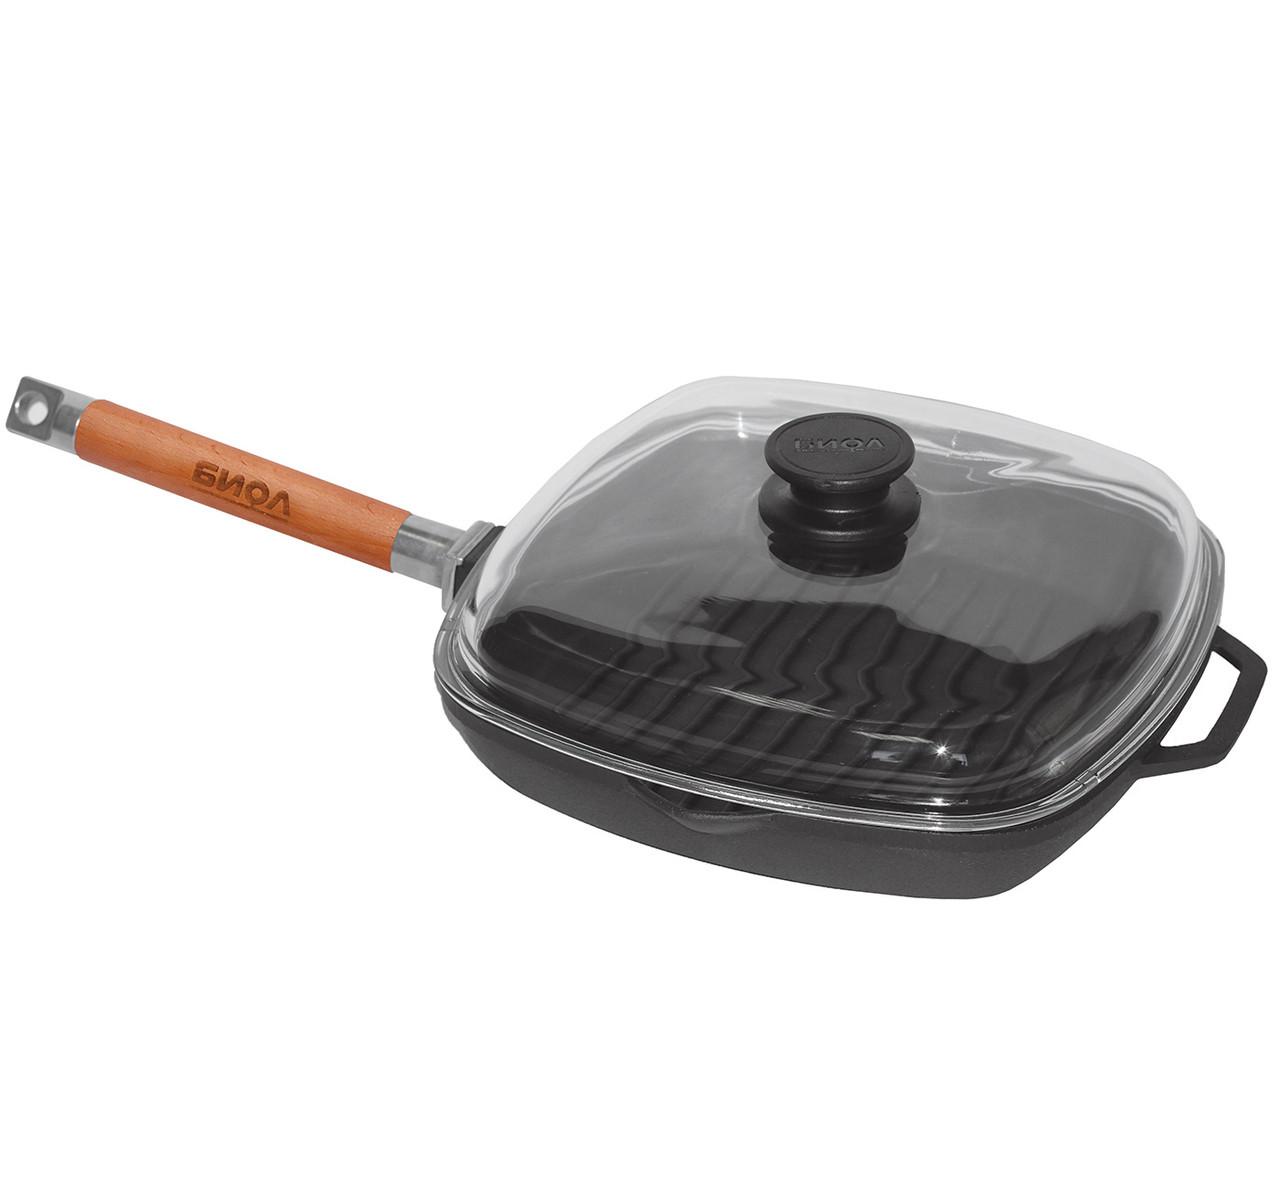 Сковорода-гриль чугунная 26х26 см со стеклянной крышкой